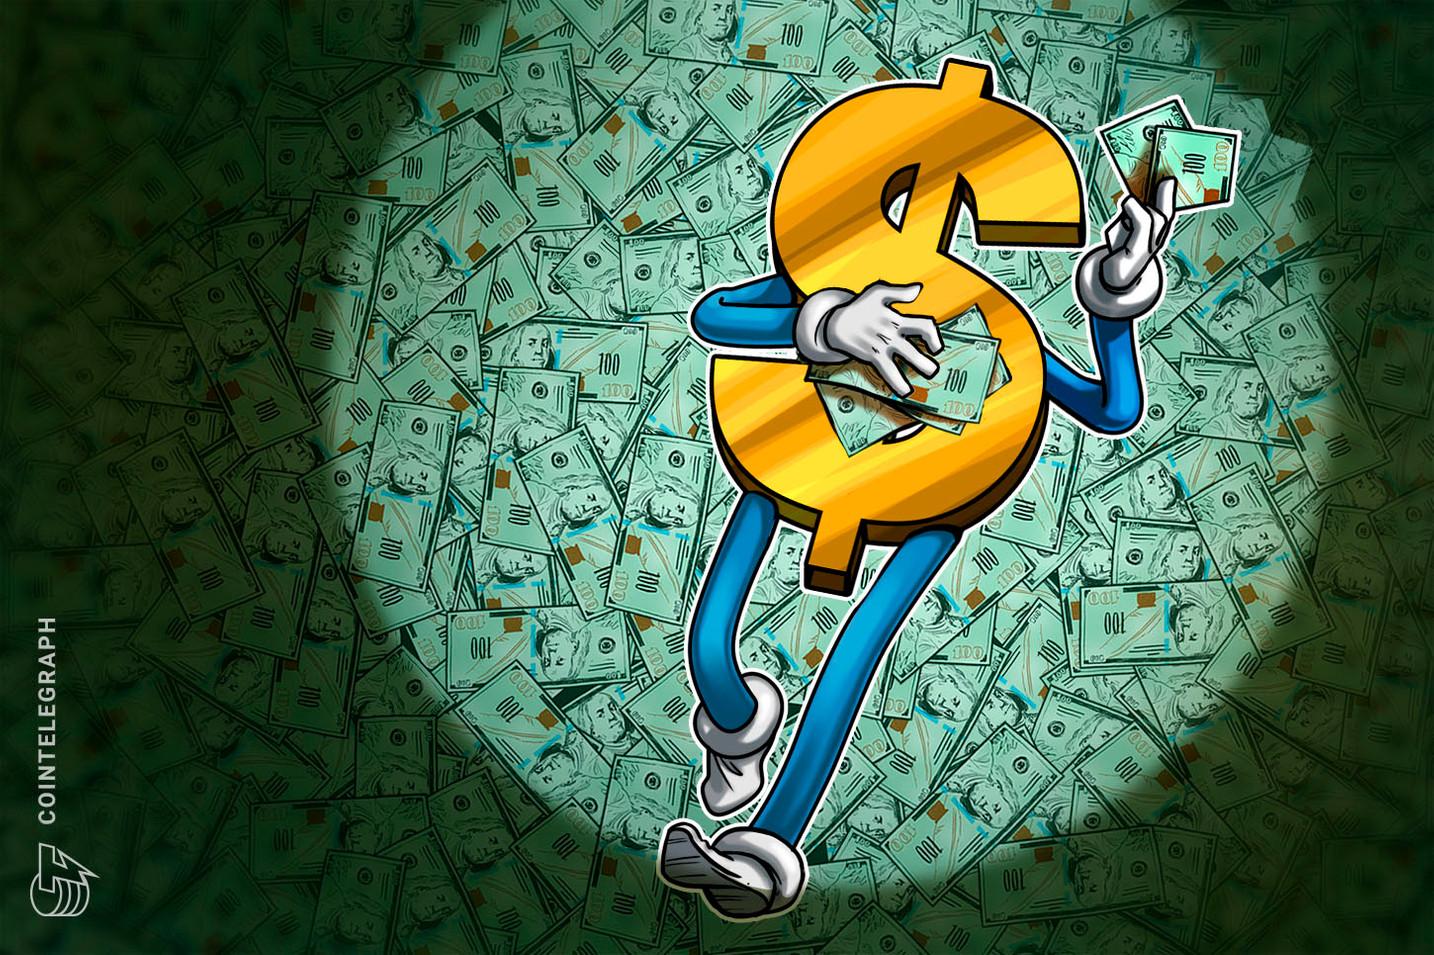 仮想通貨カルダノ創設者、米ドルを詐欺コインと比較 「FRBに現金は無限にある」発言を受け